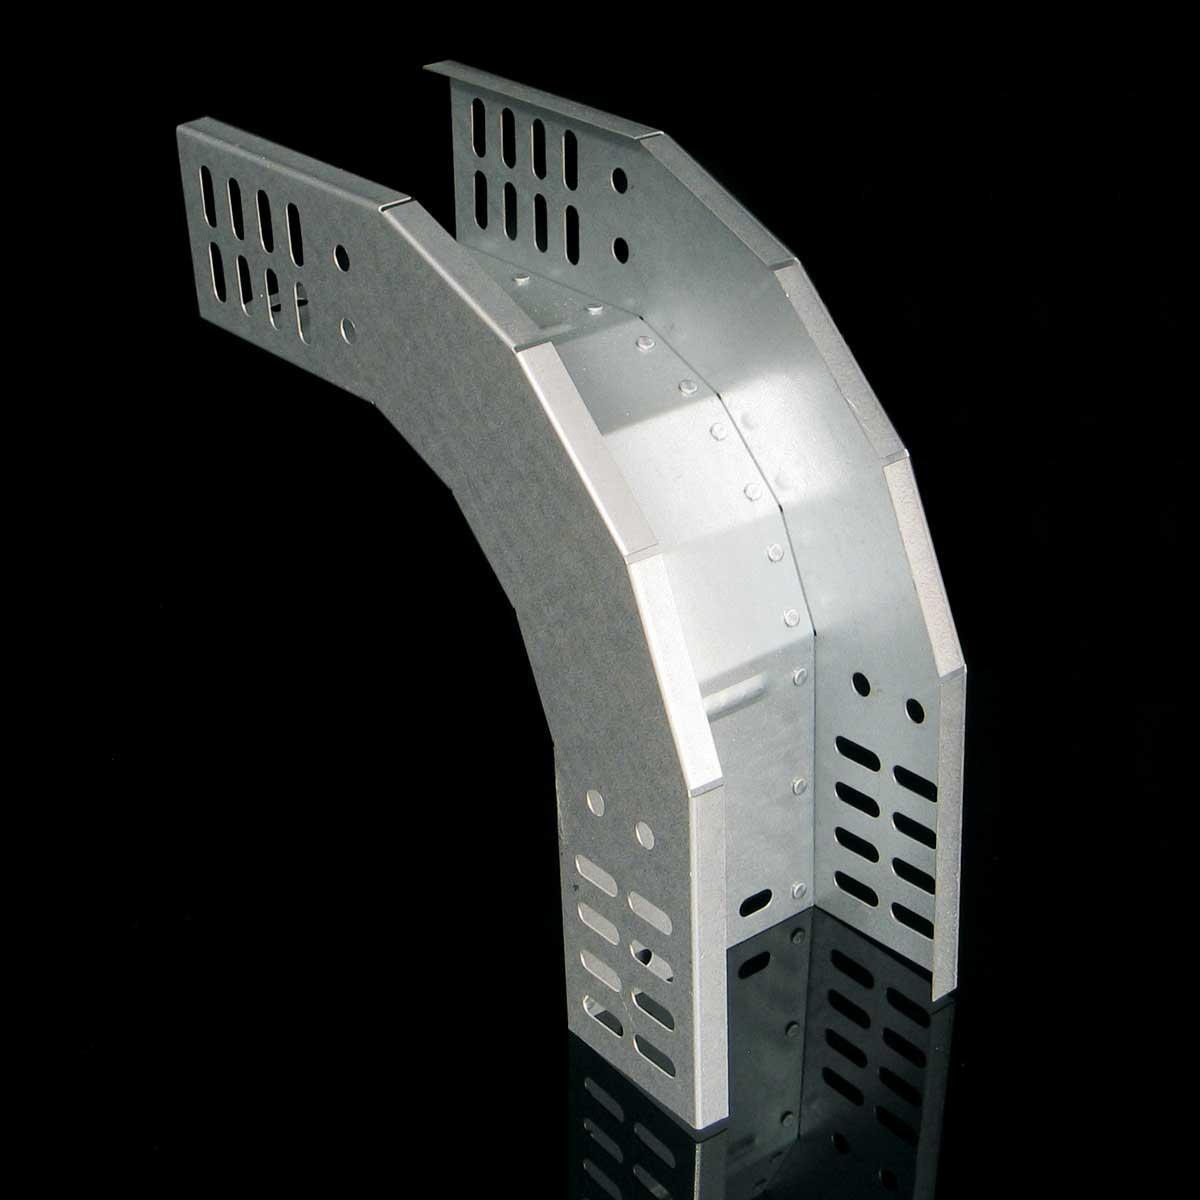 Поворот вертикальний зовнішній 90 для лотка JUPITER; розміри-35x50x220mm Товщ. метал-0,8 Вага-0,35кг/м